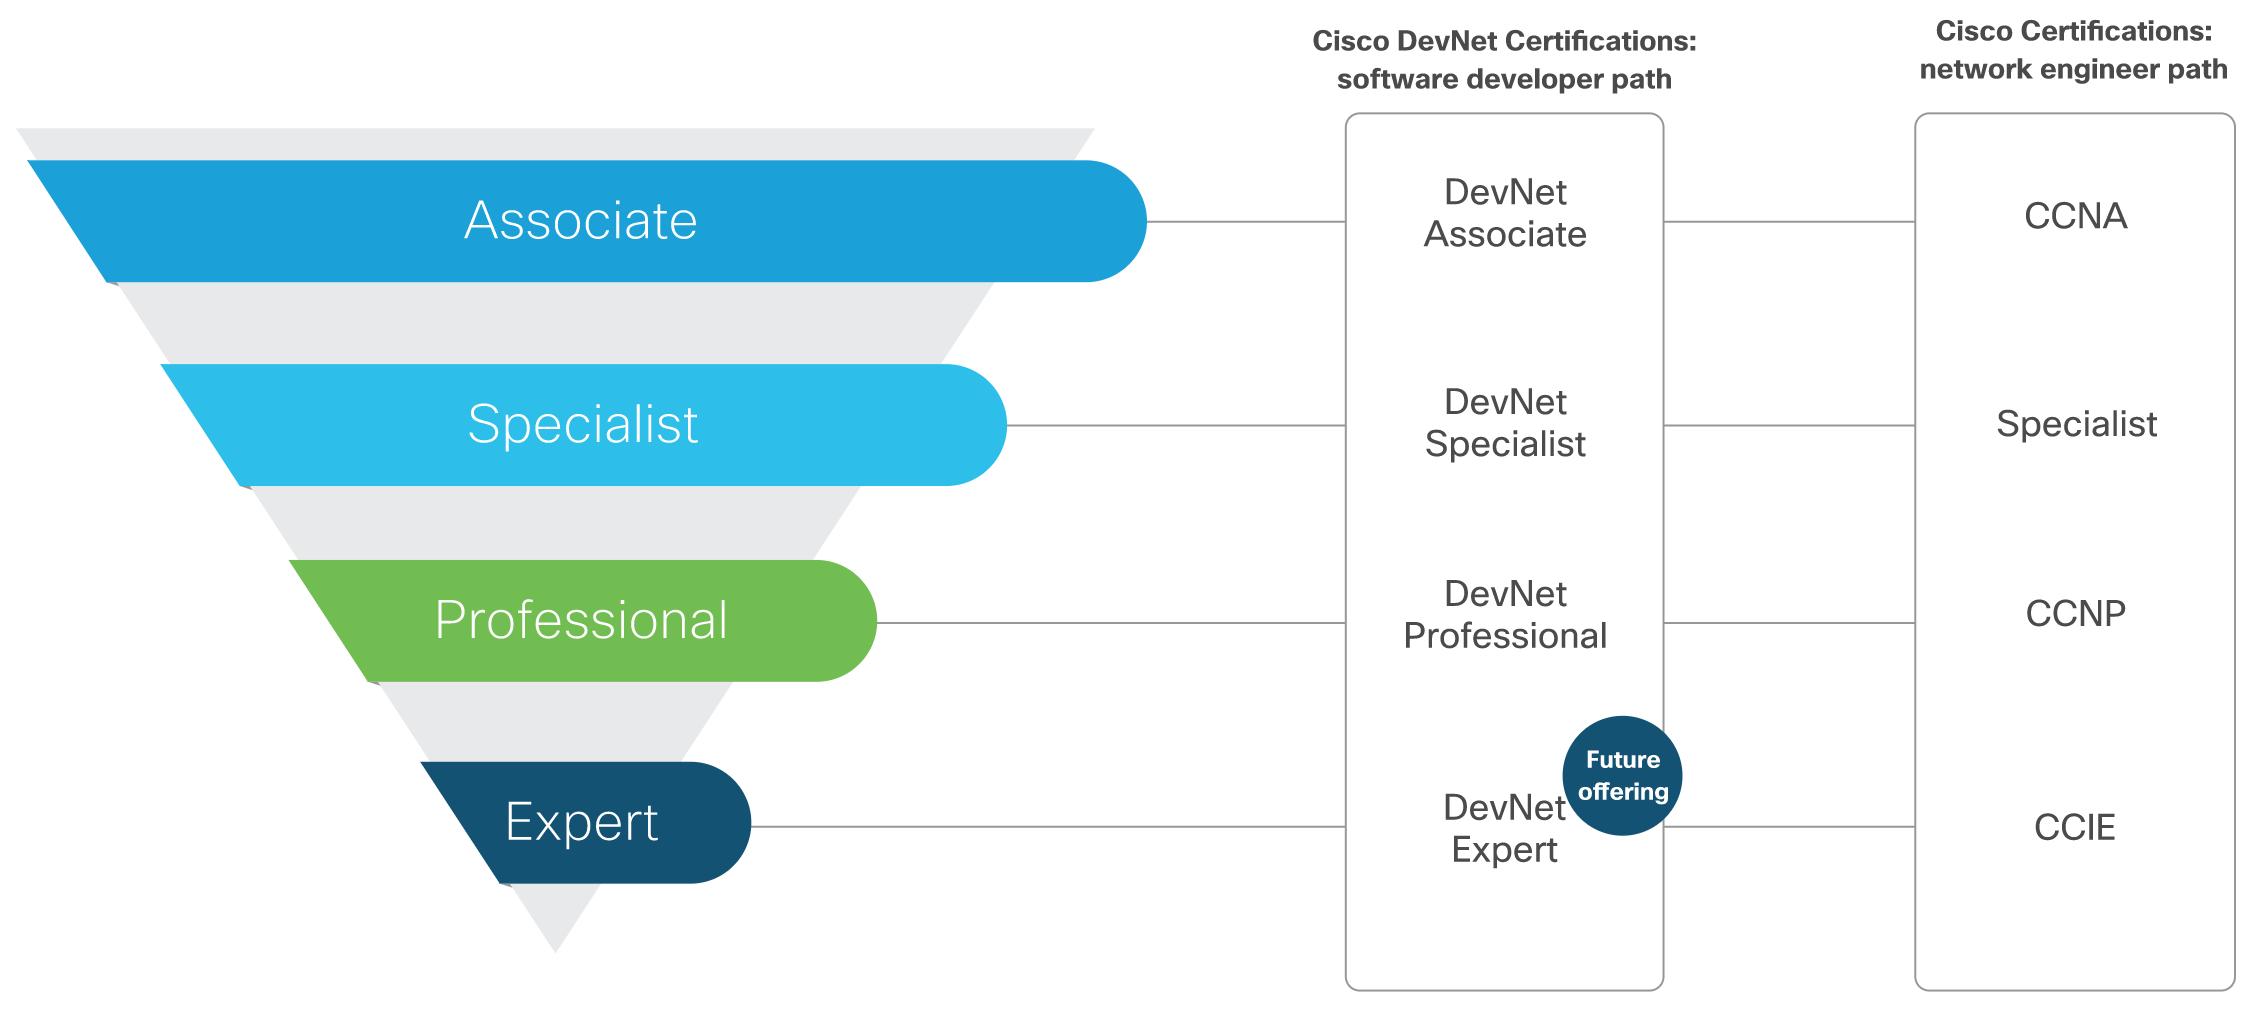 Новые сертификации для девелоперов от Cisco. Обзор отраслевых сертификаций - 1